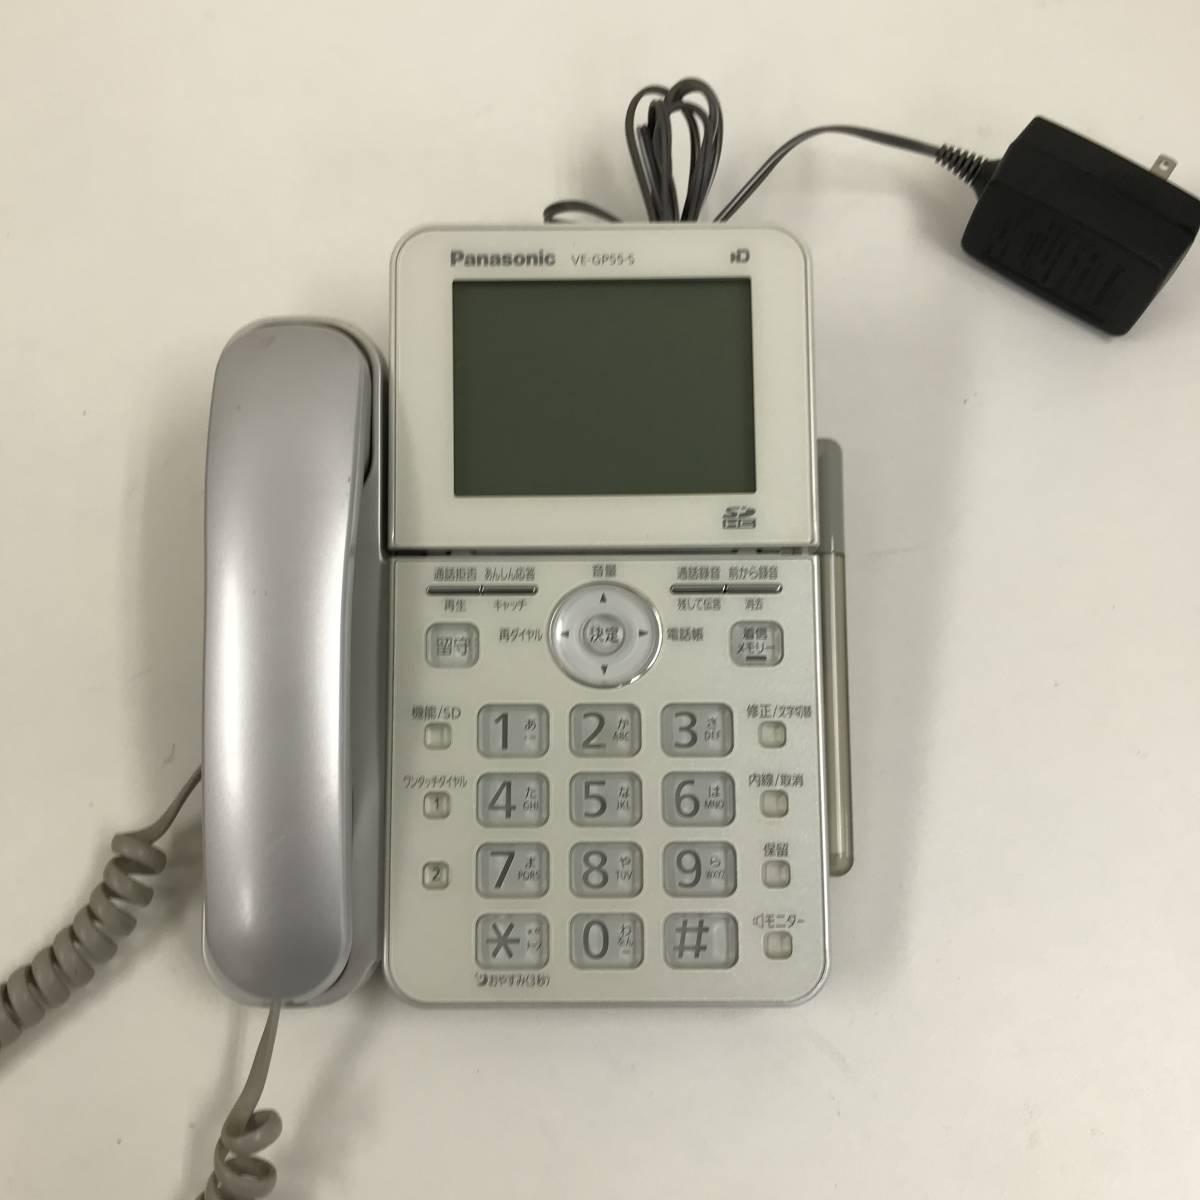 中古 Panasonic パナソニック電話機 親機 VE-GP55-S_画像1